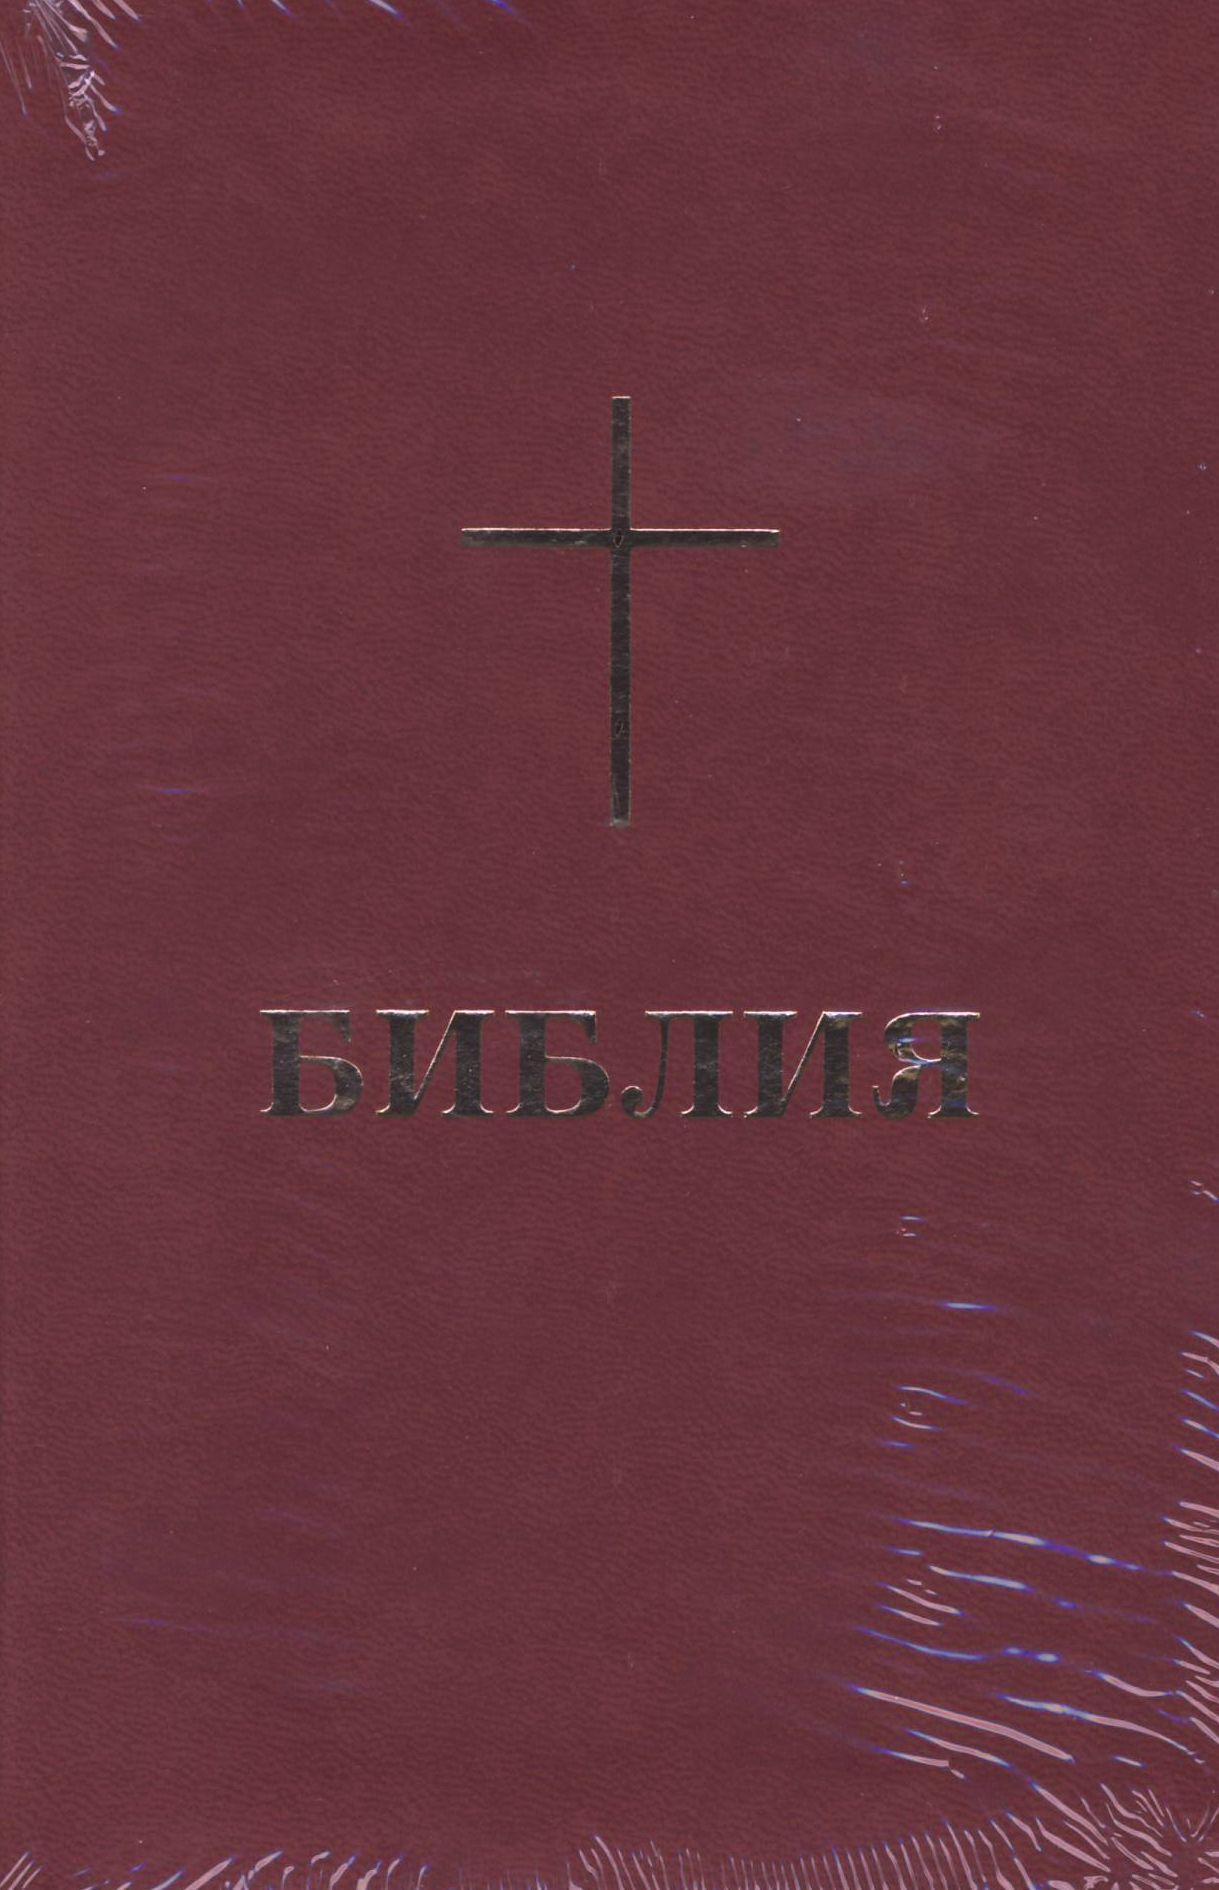 Библия (BBL) - луксозно издание в червено